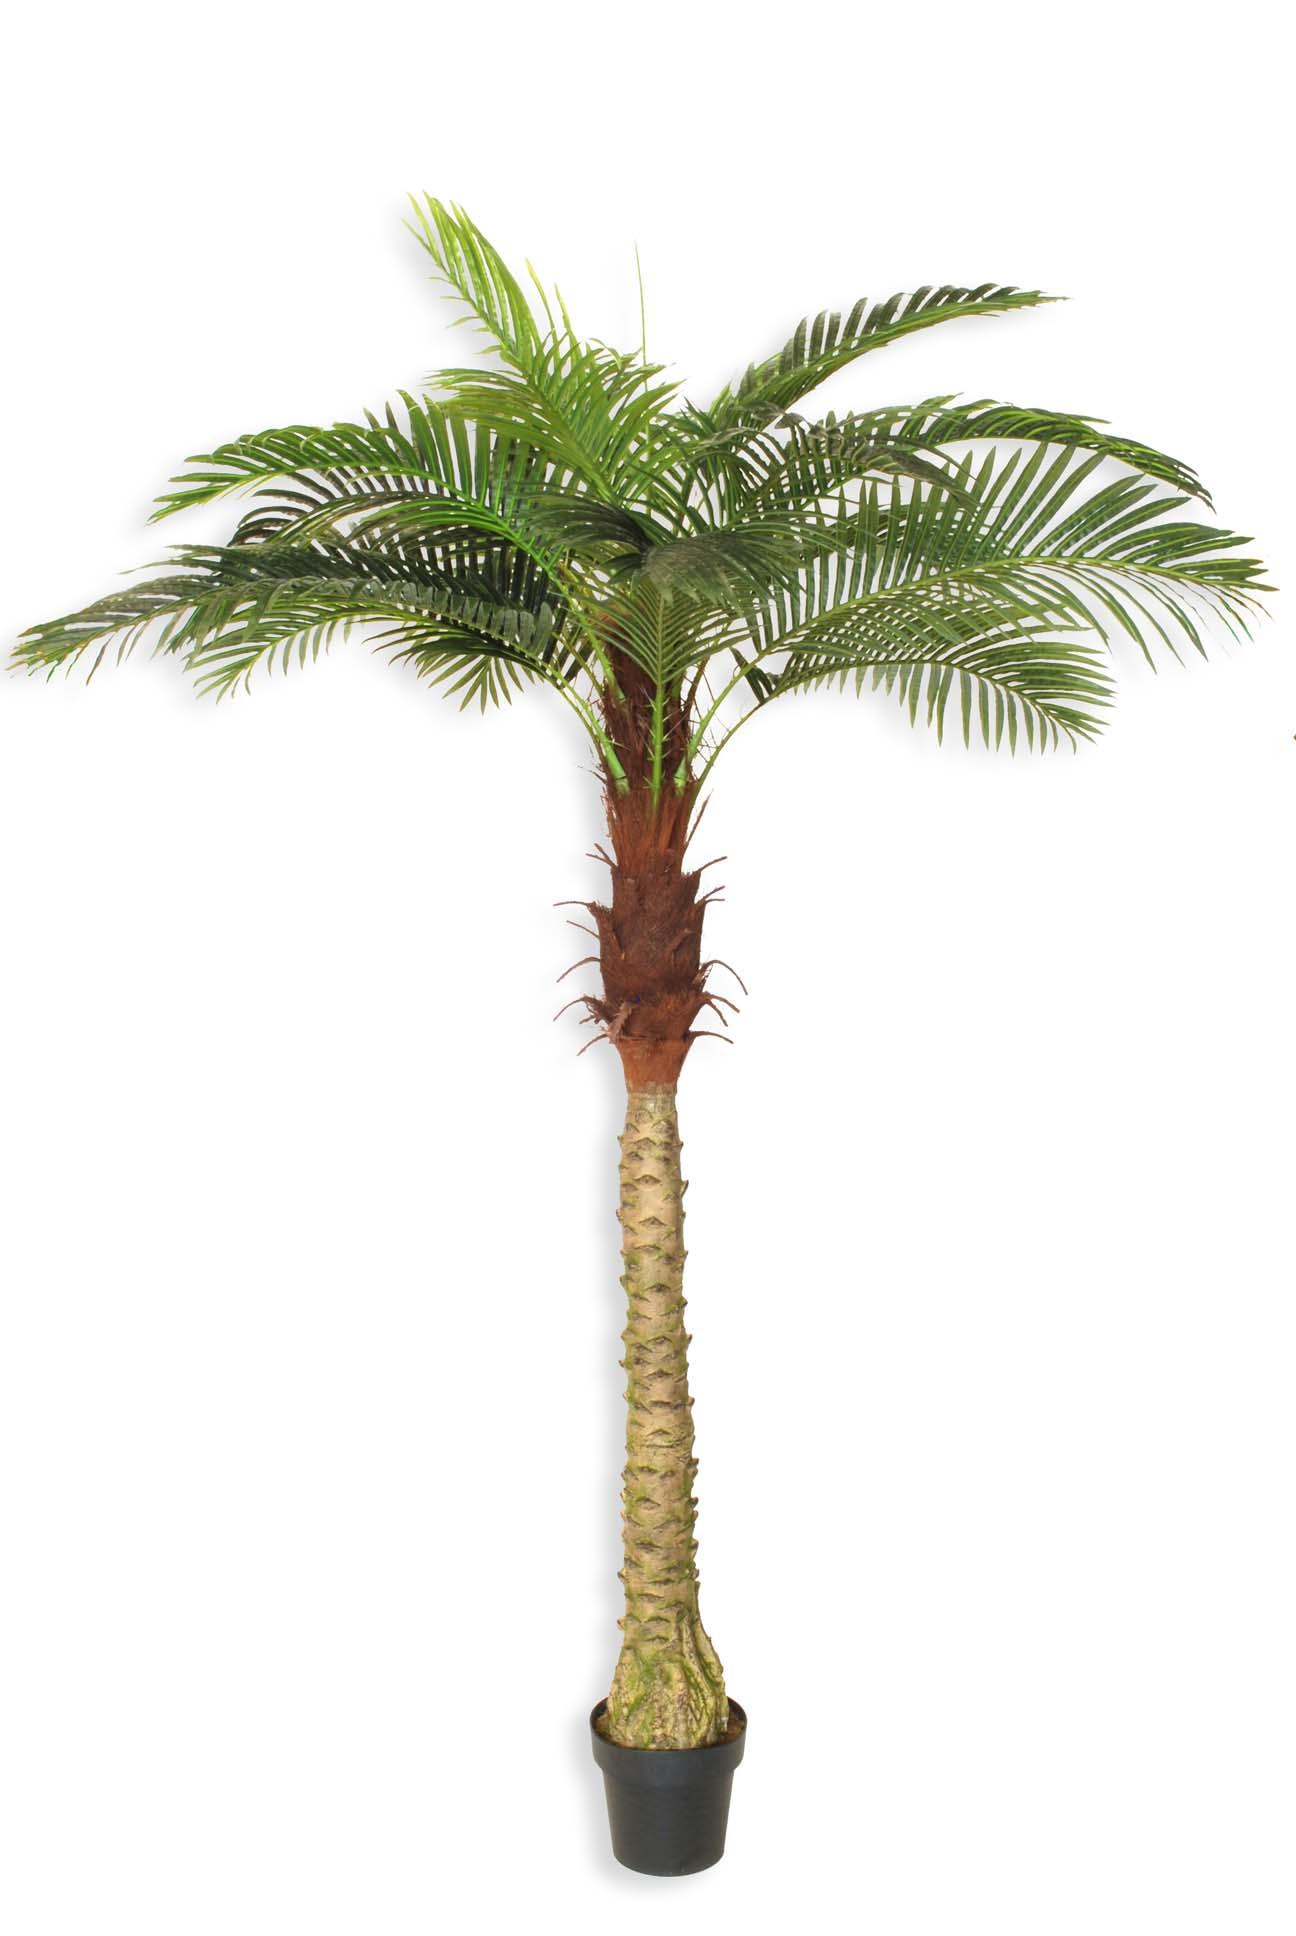 Pianta palma phoenix h 200 cm for Pianta palma